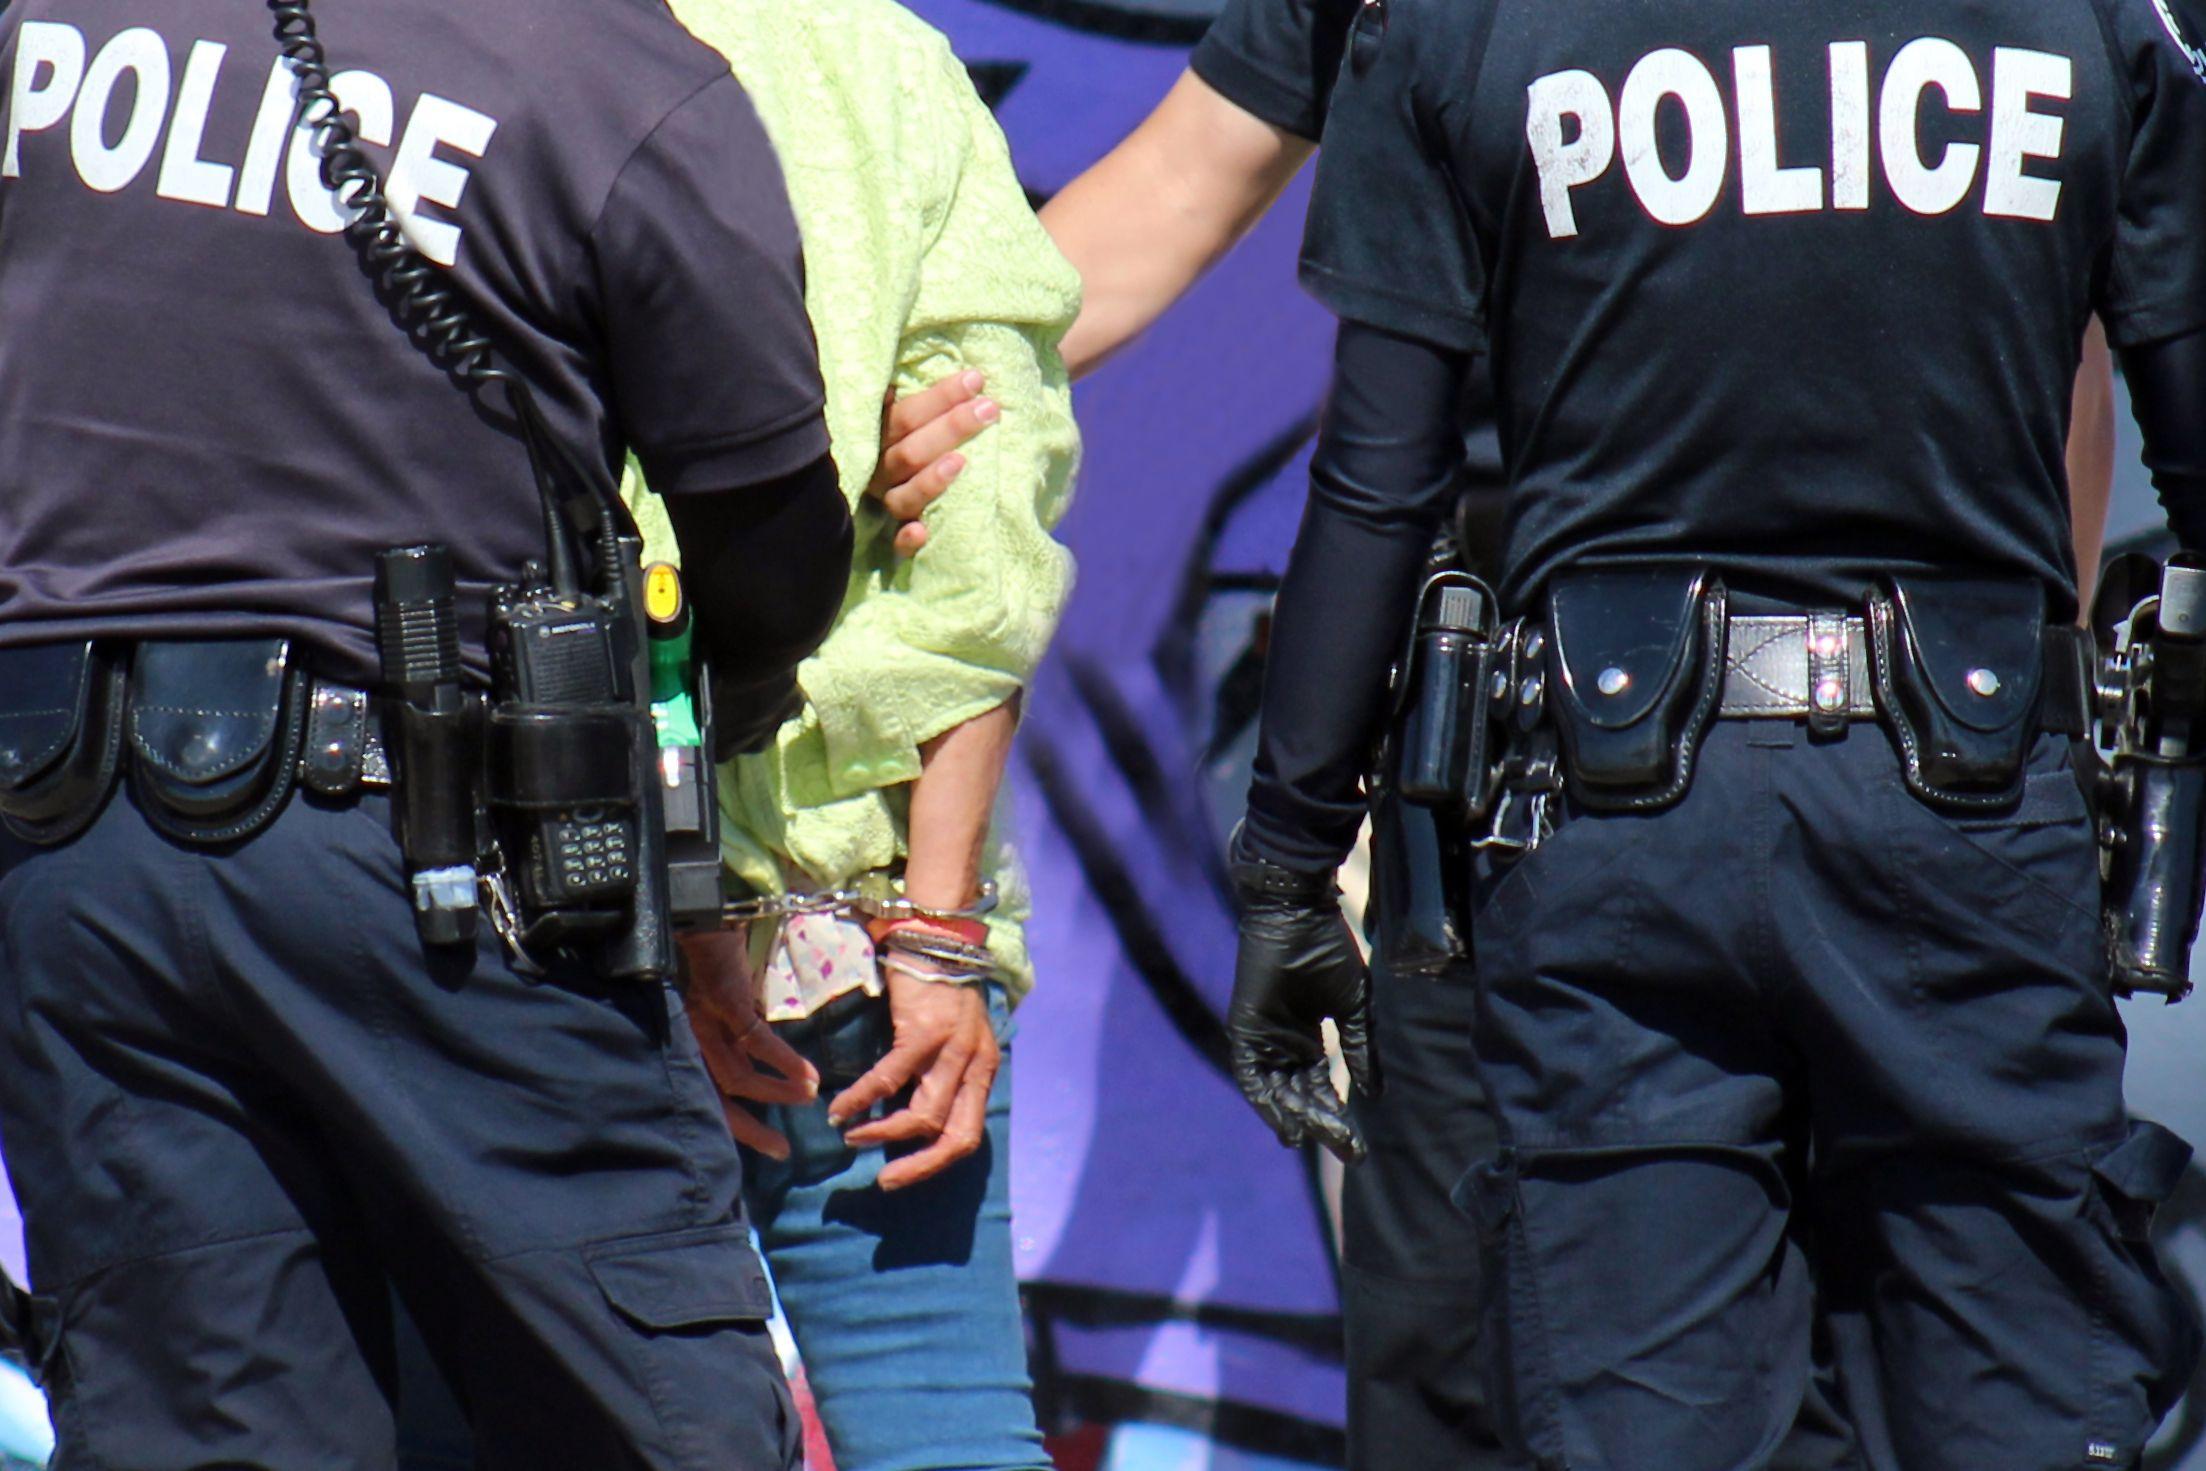 Polícia invade casa para resgatar criança com mais de 40ºC de febre